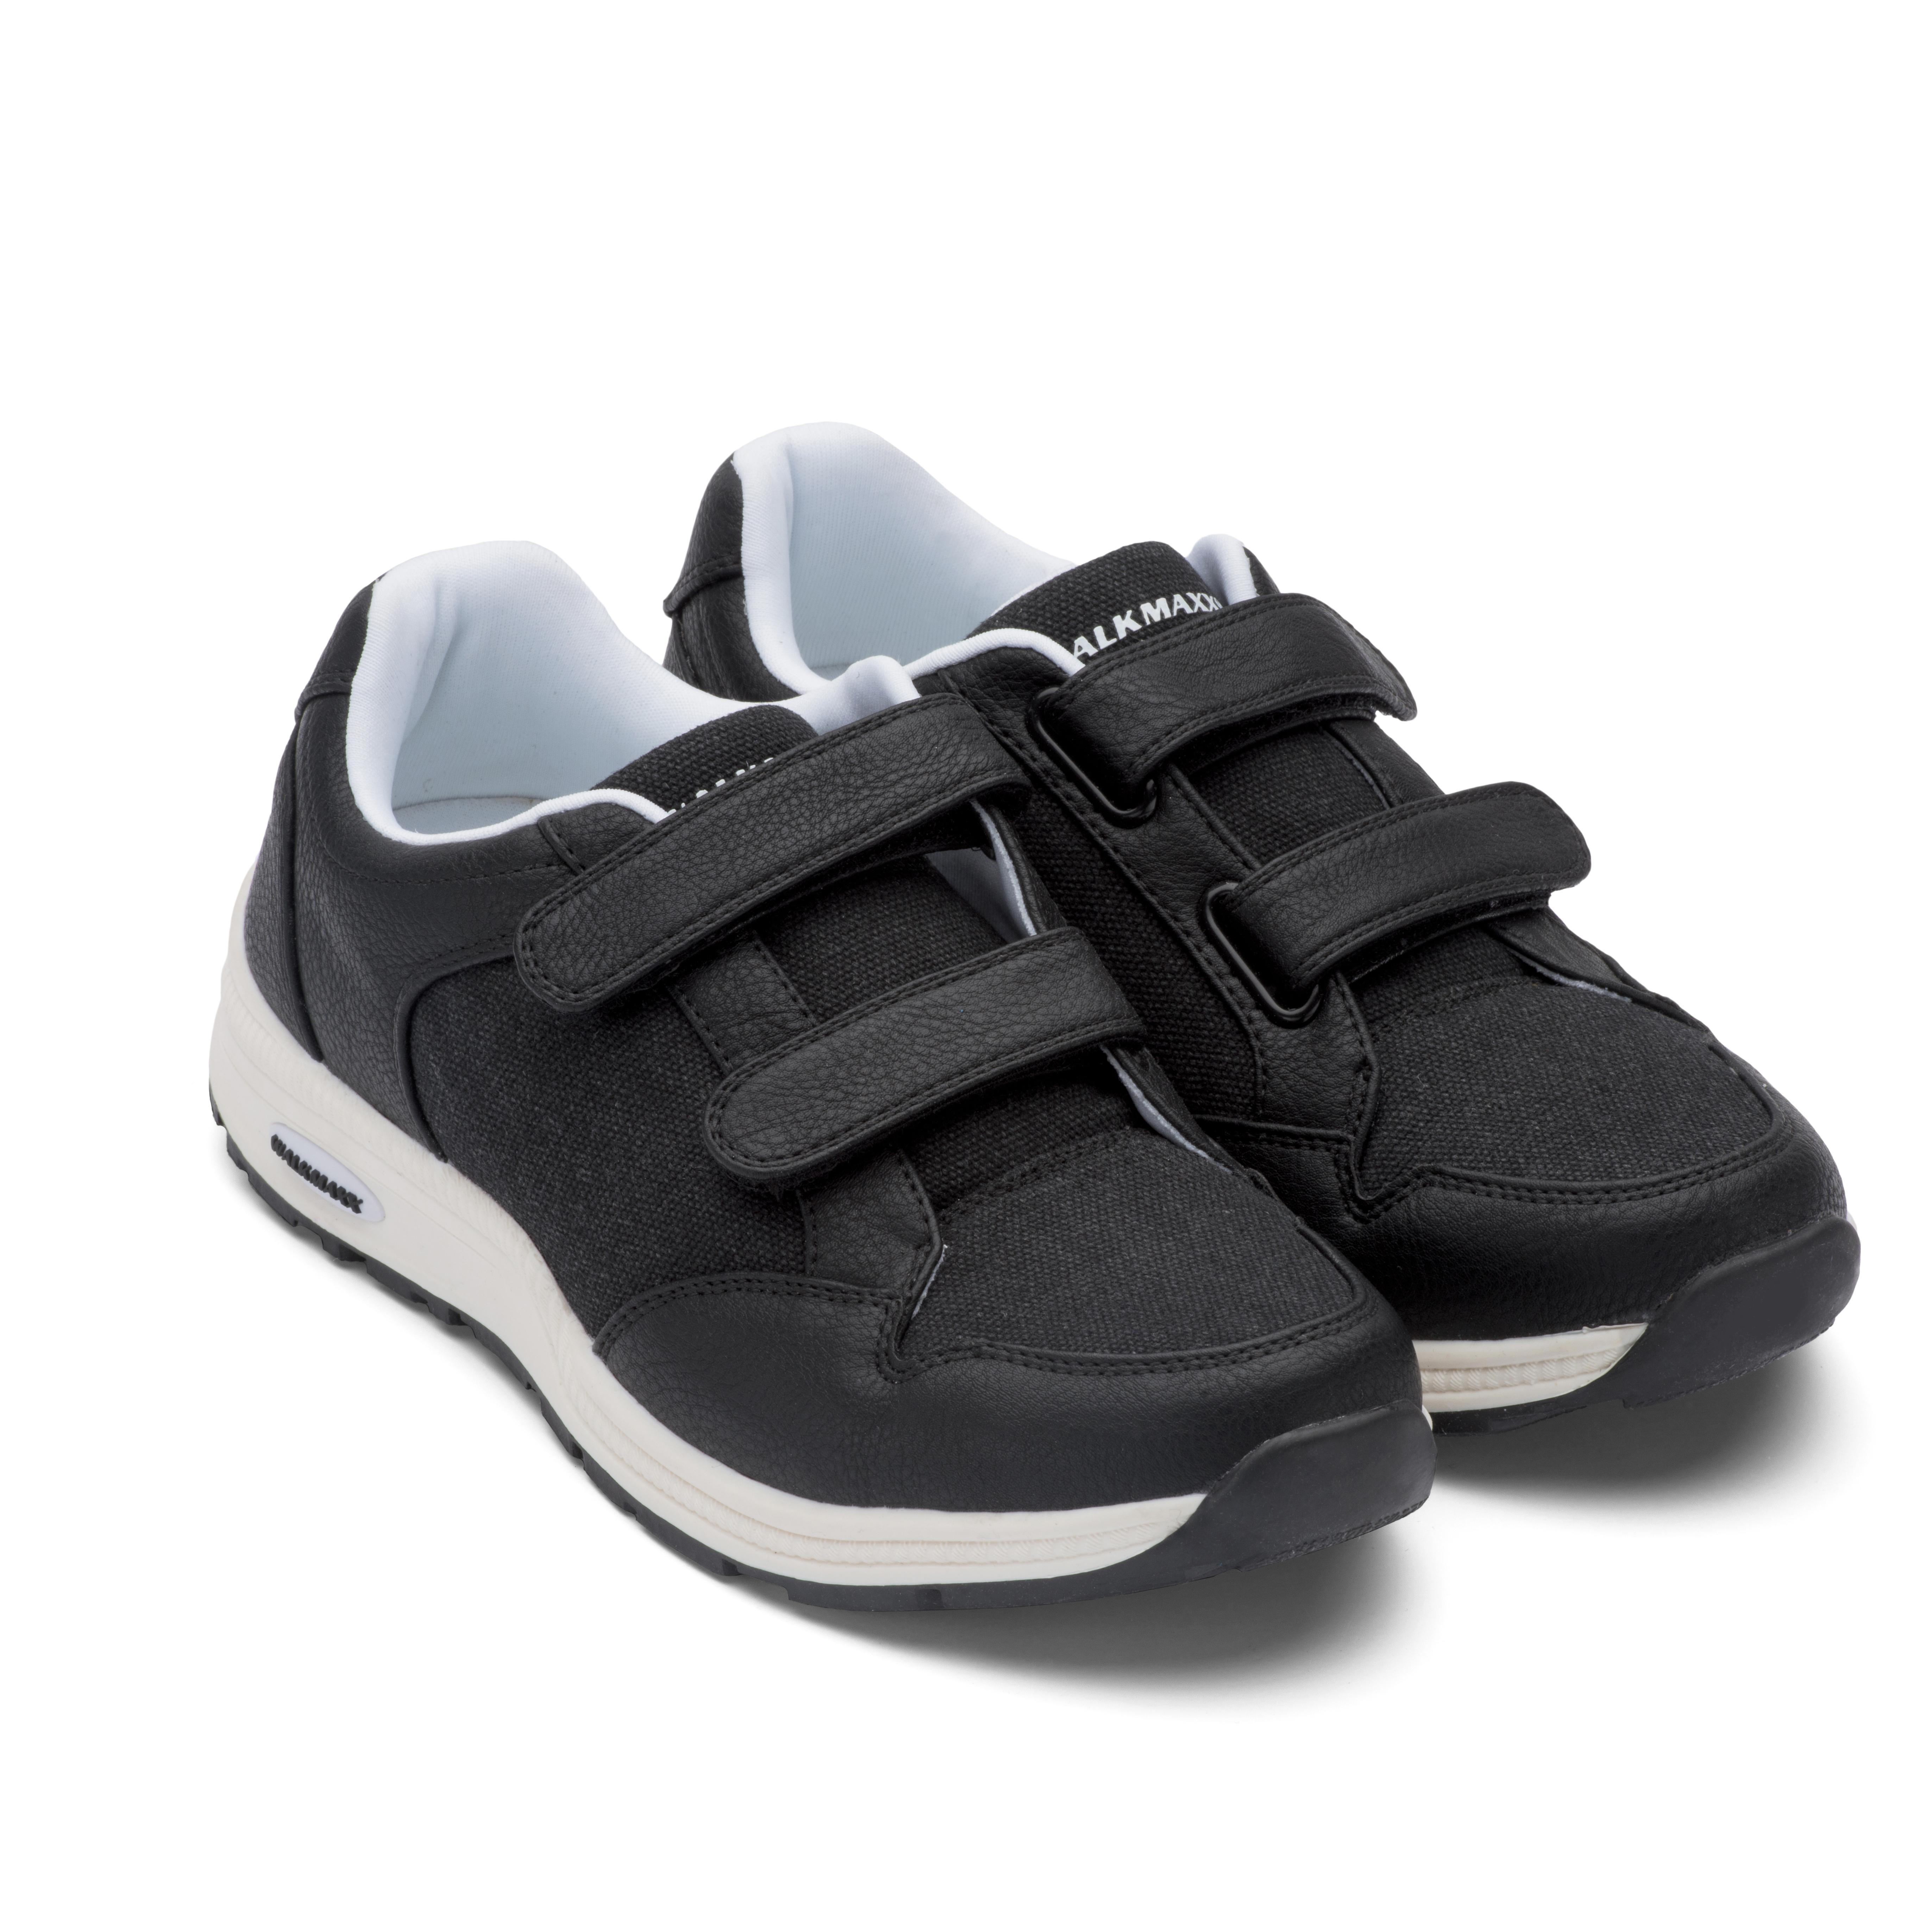 Кроссовки адаптивные Walkmaxx женские. Цвет: черный